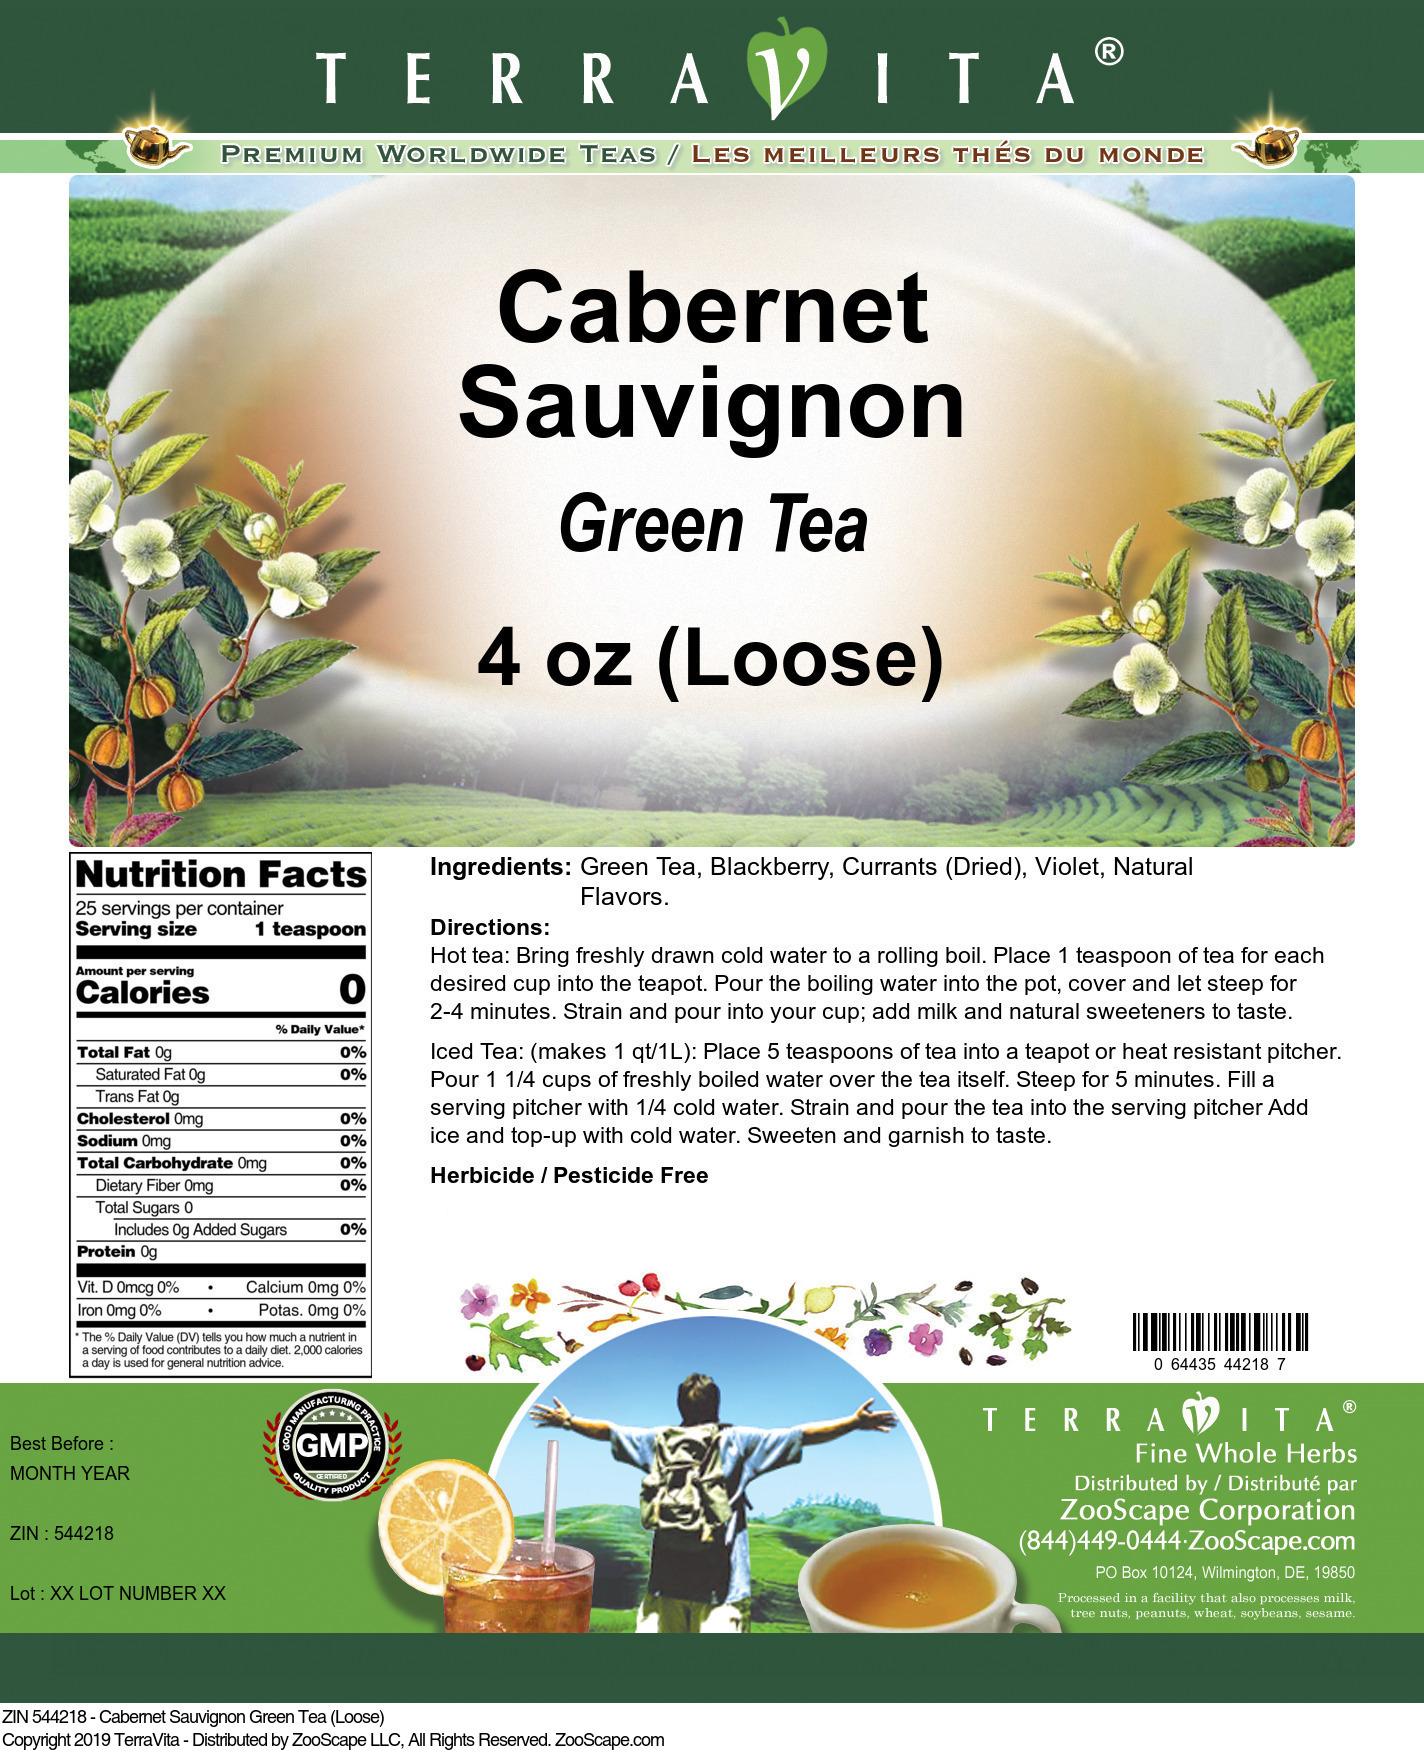 Cabernet Sauvignon Green Tea (Loose)